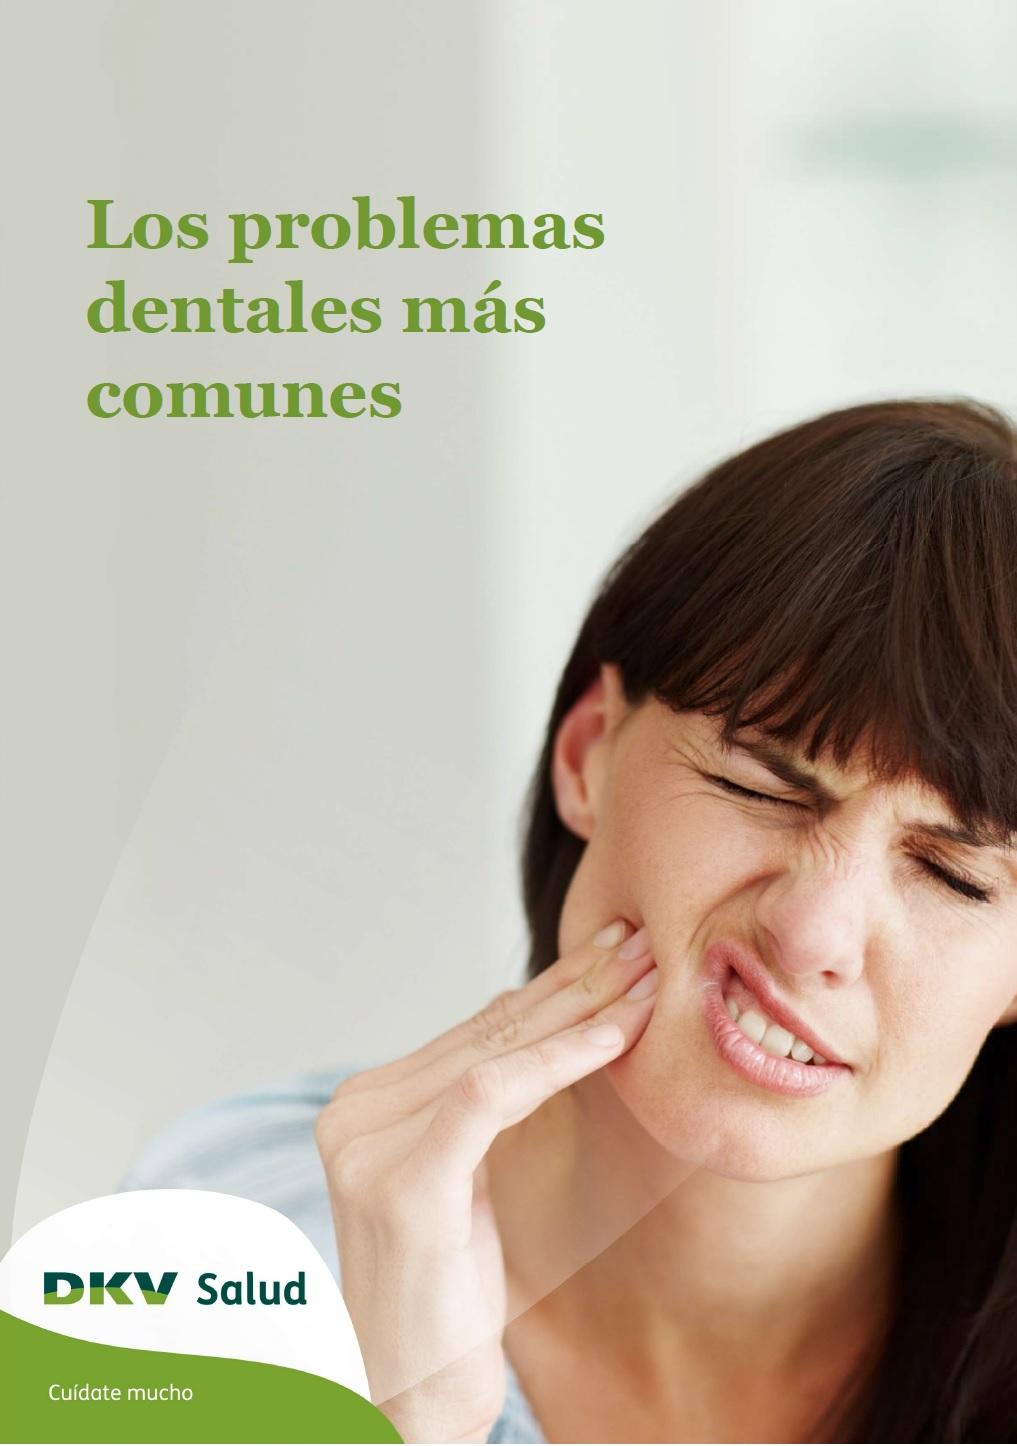 DKV - Problemas dentales - Portada 2D